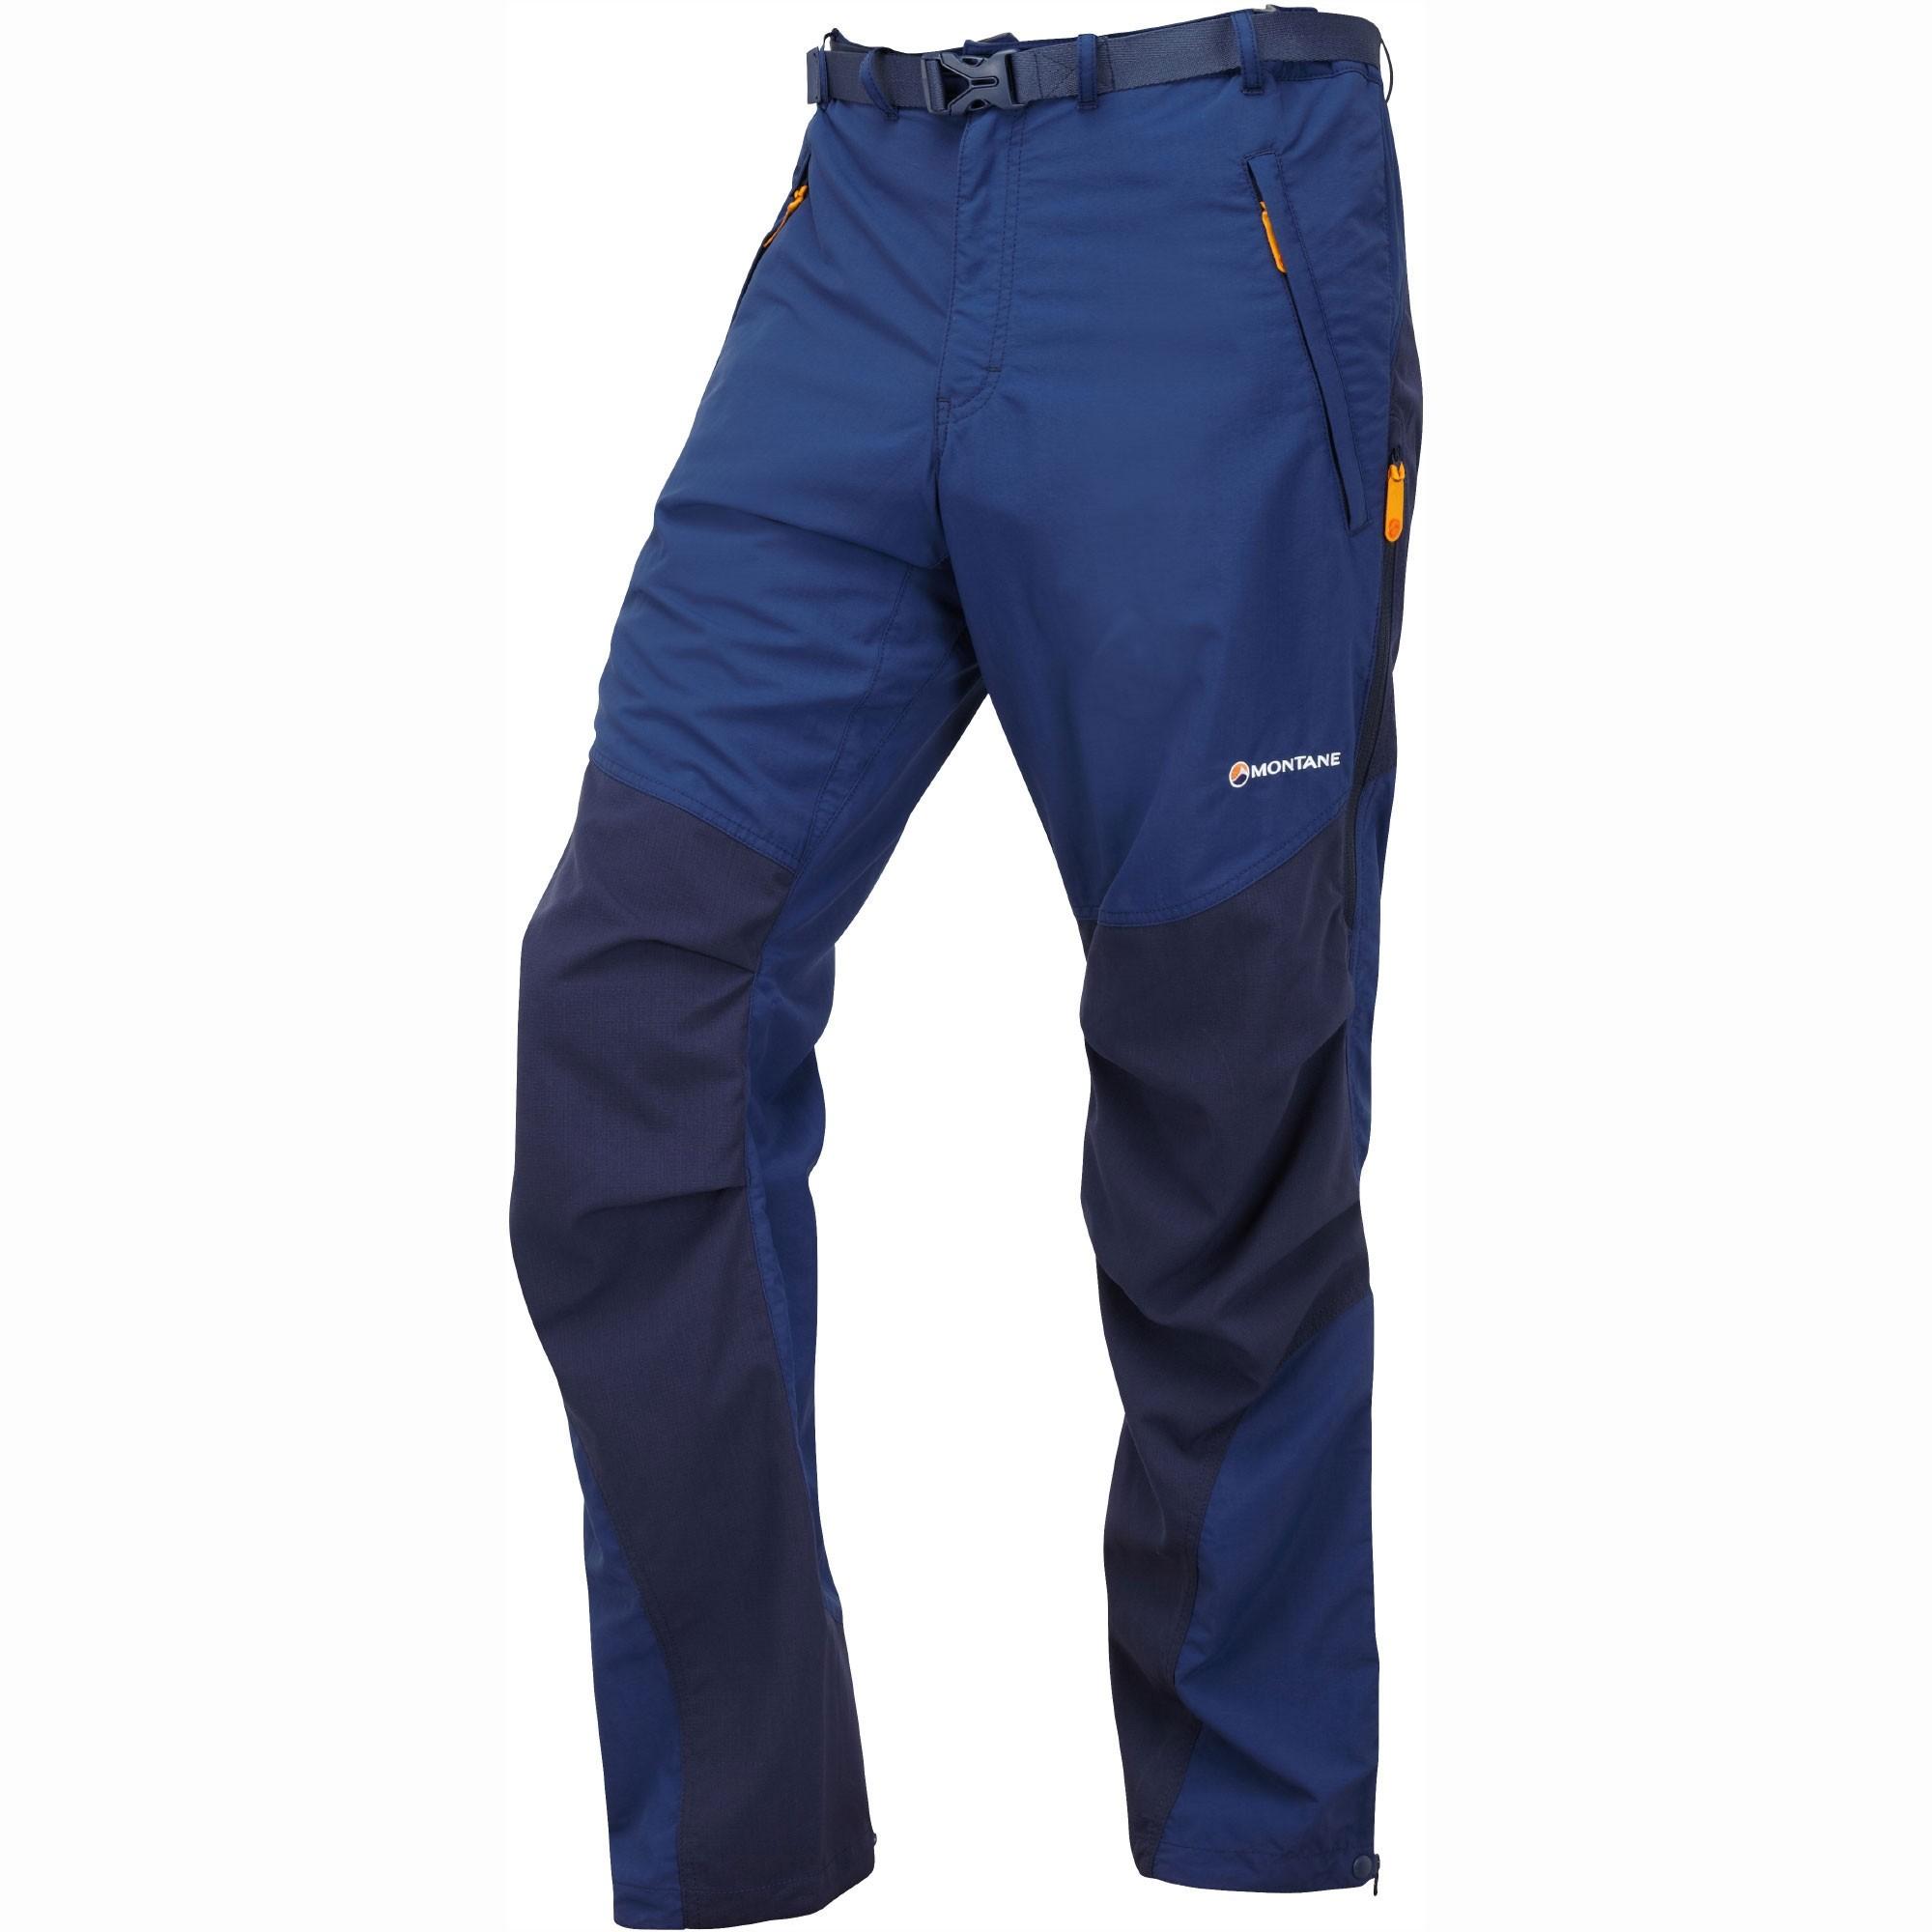 Montane Terra Men's Pants - Baltic Blue